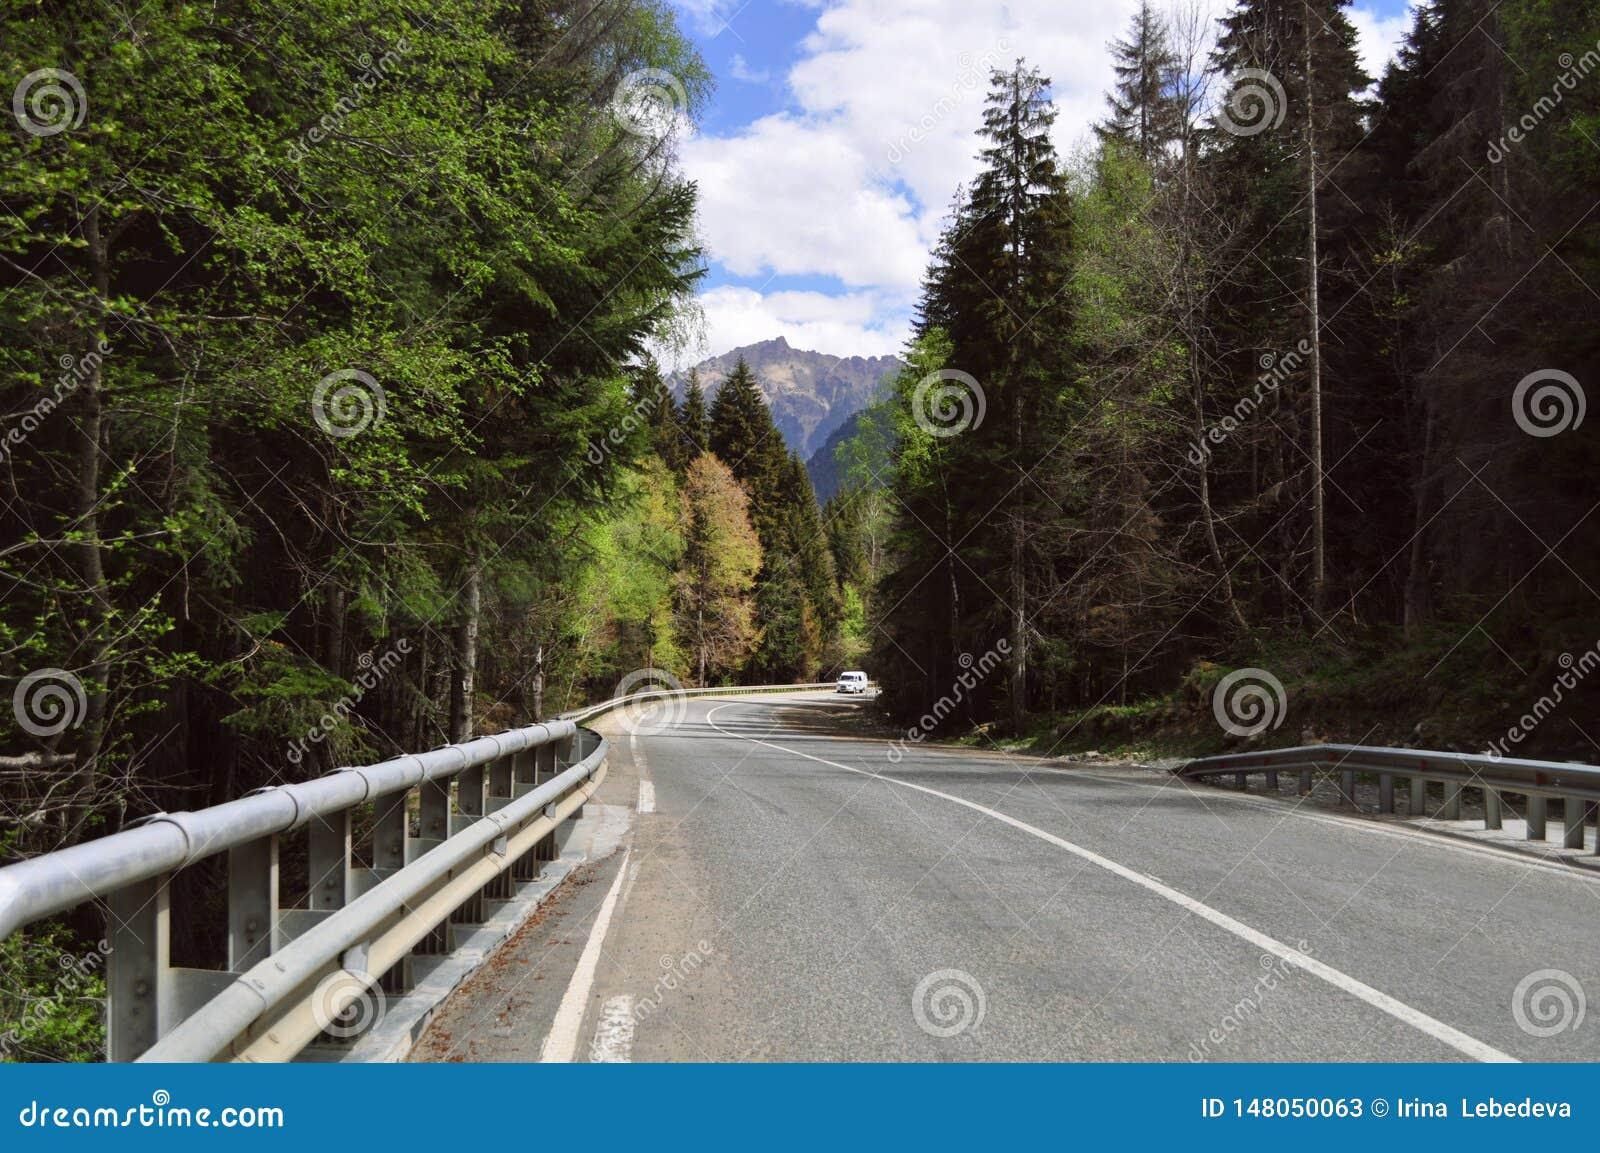 Curso no verão na estrada em um carro com uma vista bonita das montanhas em Rússia, o Cáucaso